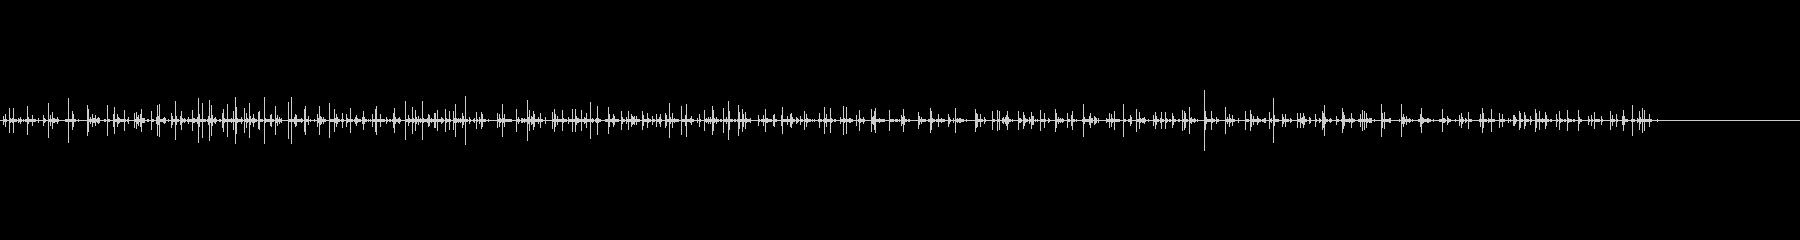 リバーブ、小グループでブーツのリノ...の未再生の波形